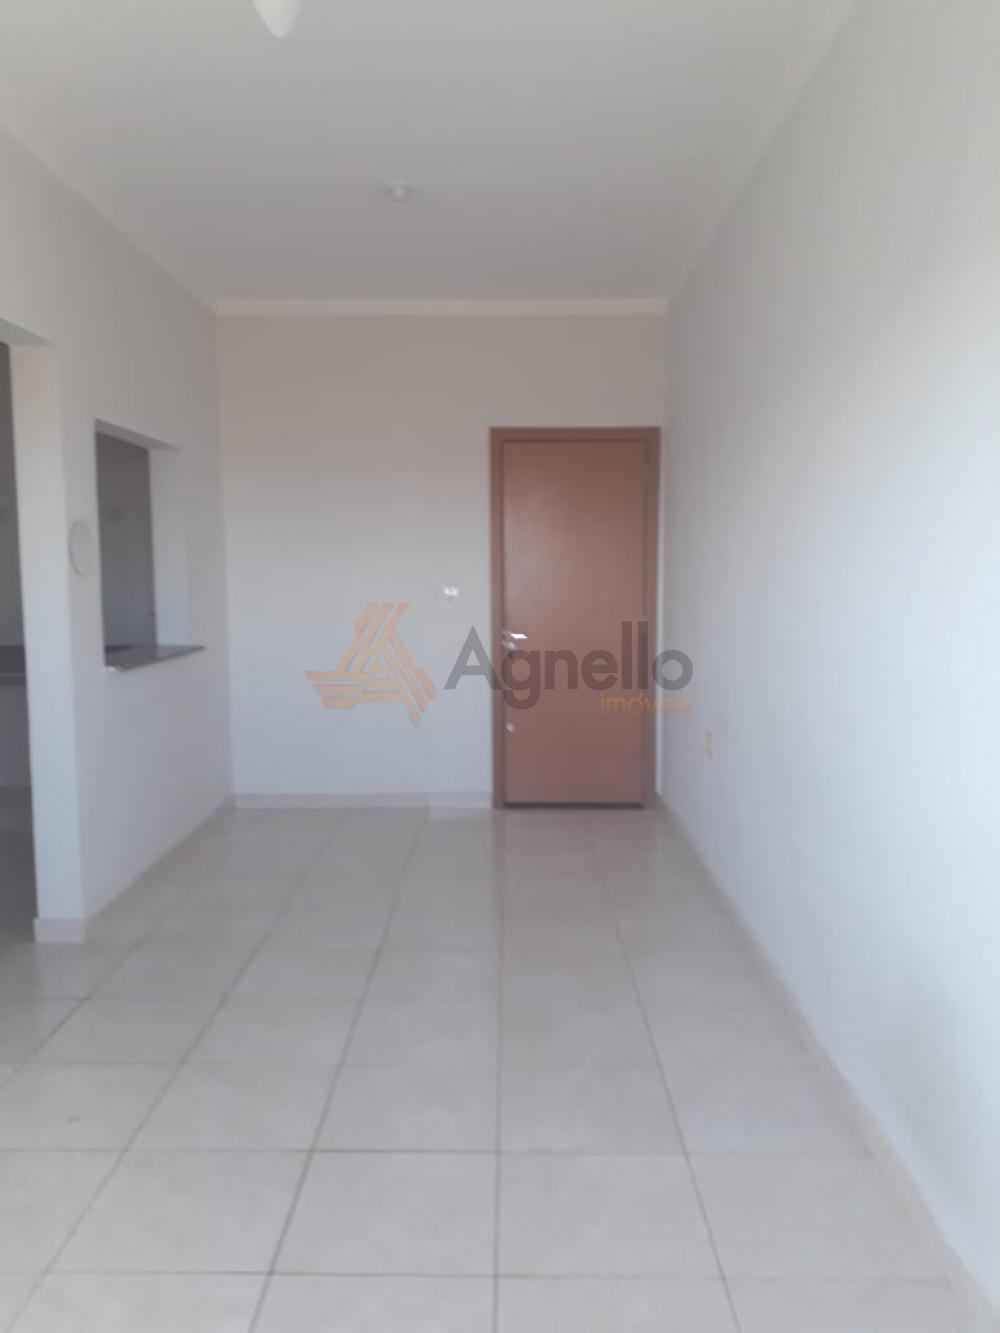 Comprar Apartamento / Padrão em Franca R$ 170.000,00 - Foto 4